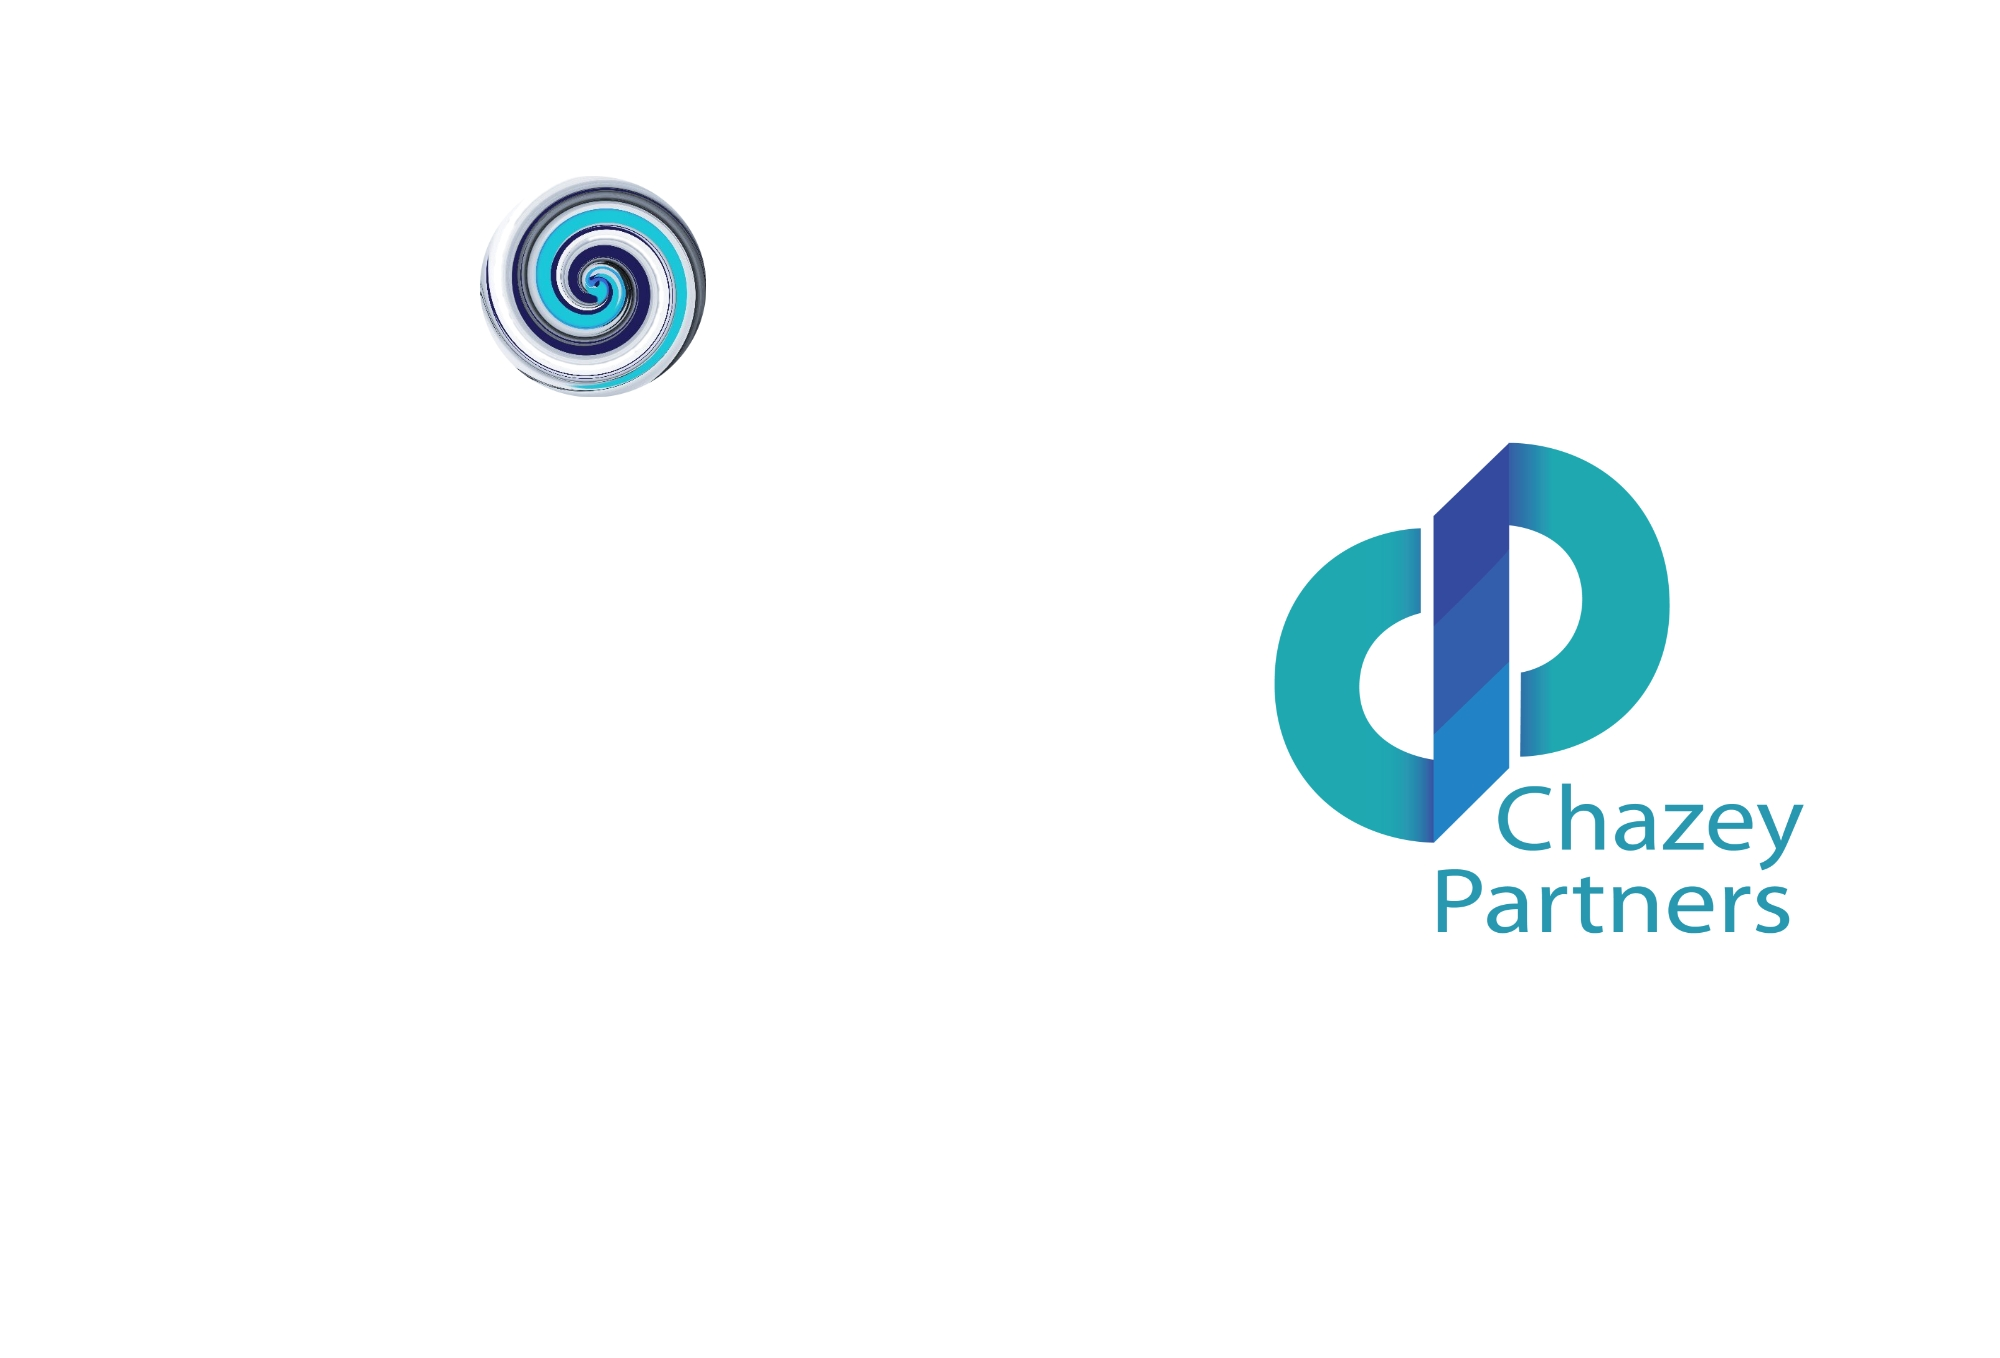 Danışmanlık Dünyasında Çok Özel Yetenekler. Chazey Partners